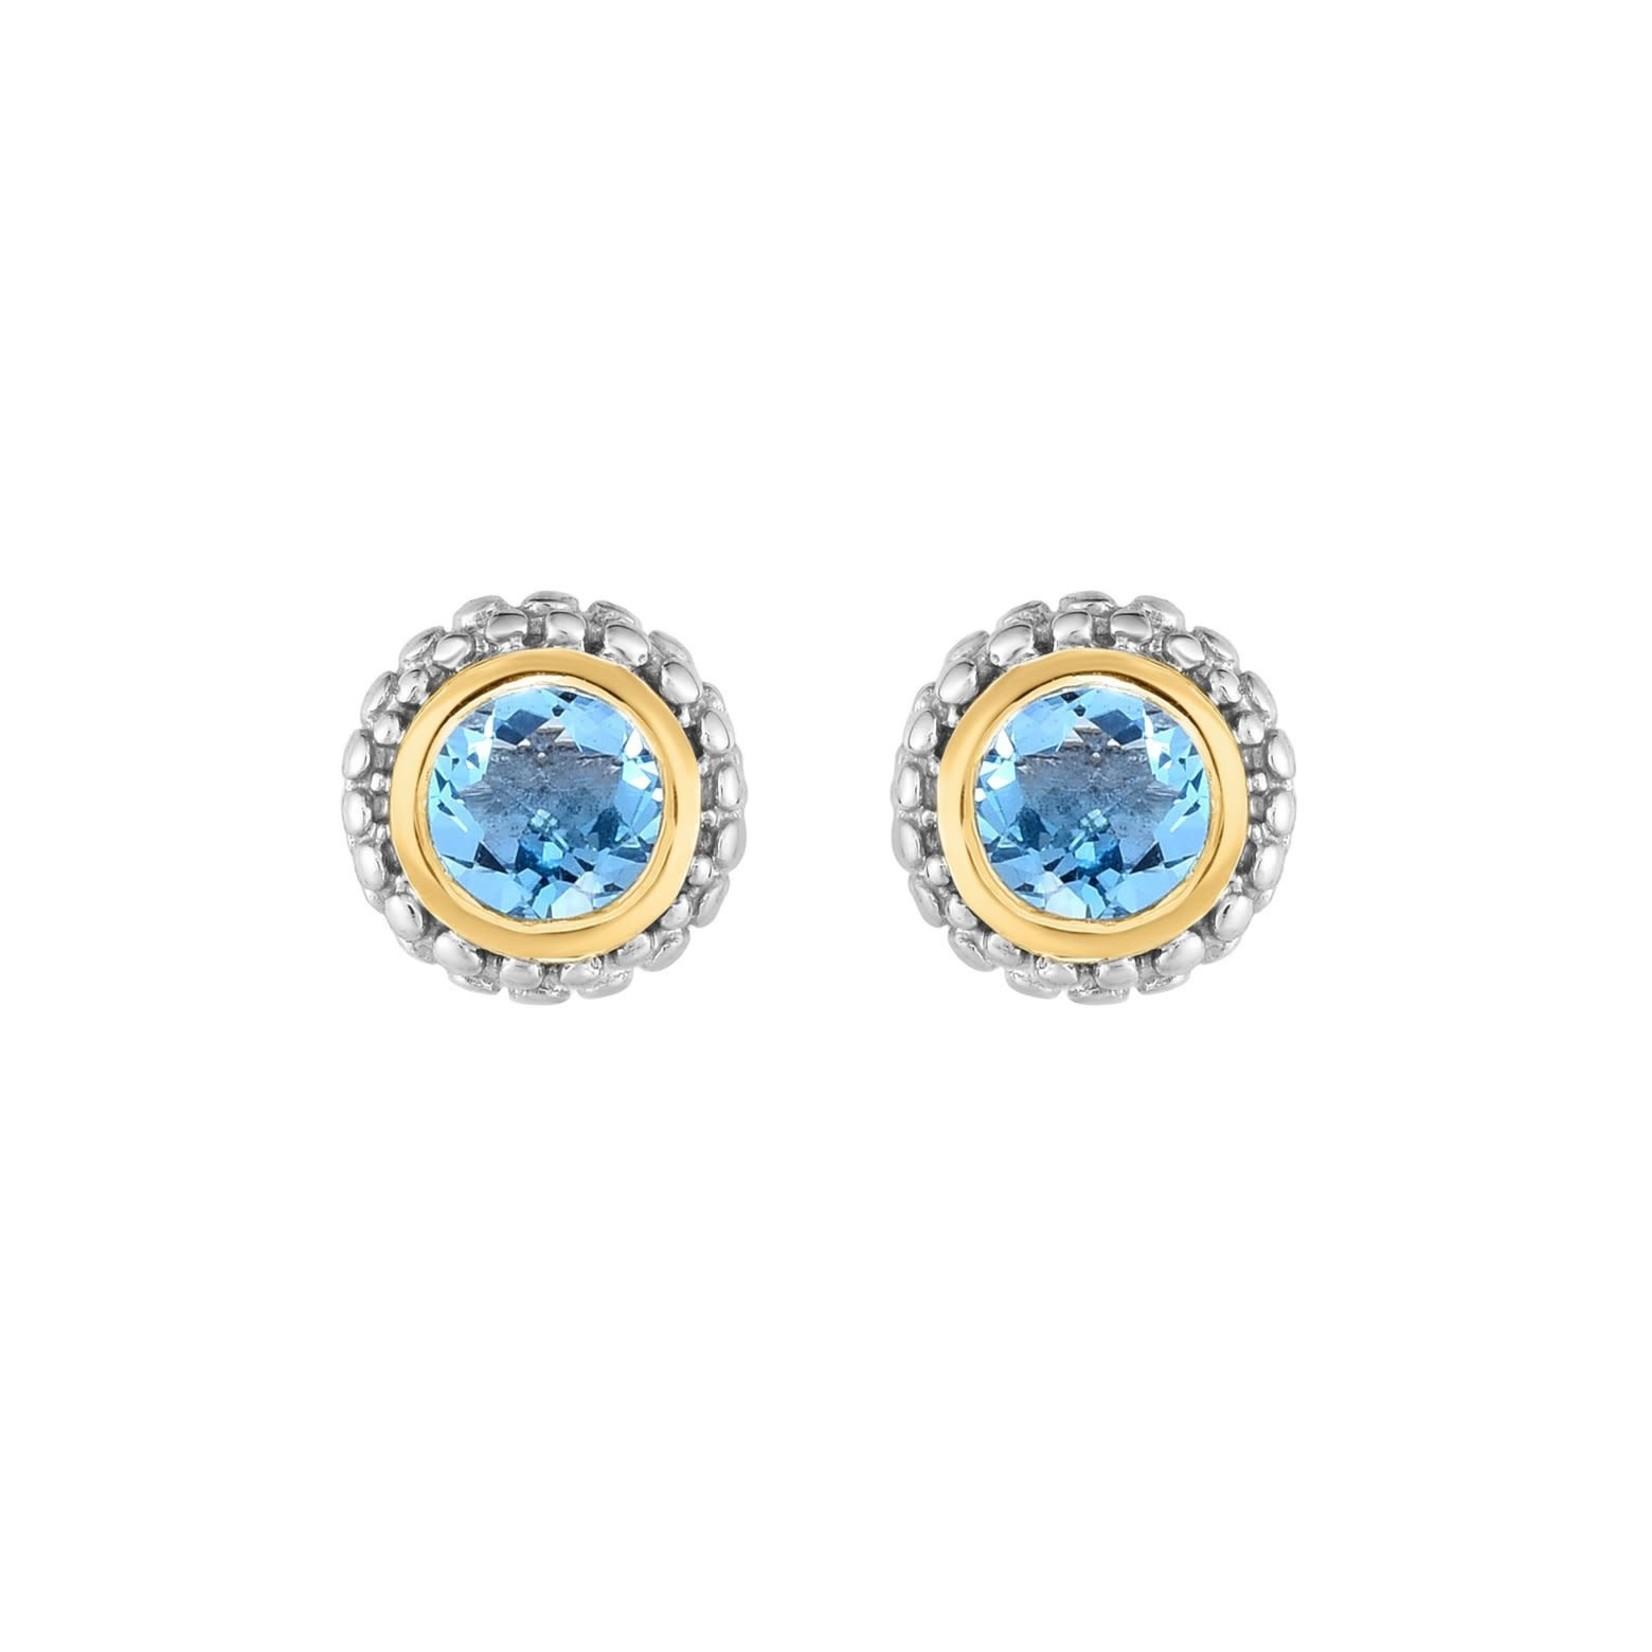 Sterling Silver & 18K Gold Blue Topaz Stud Earrings